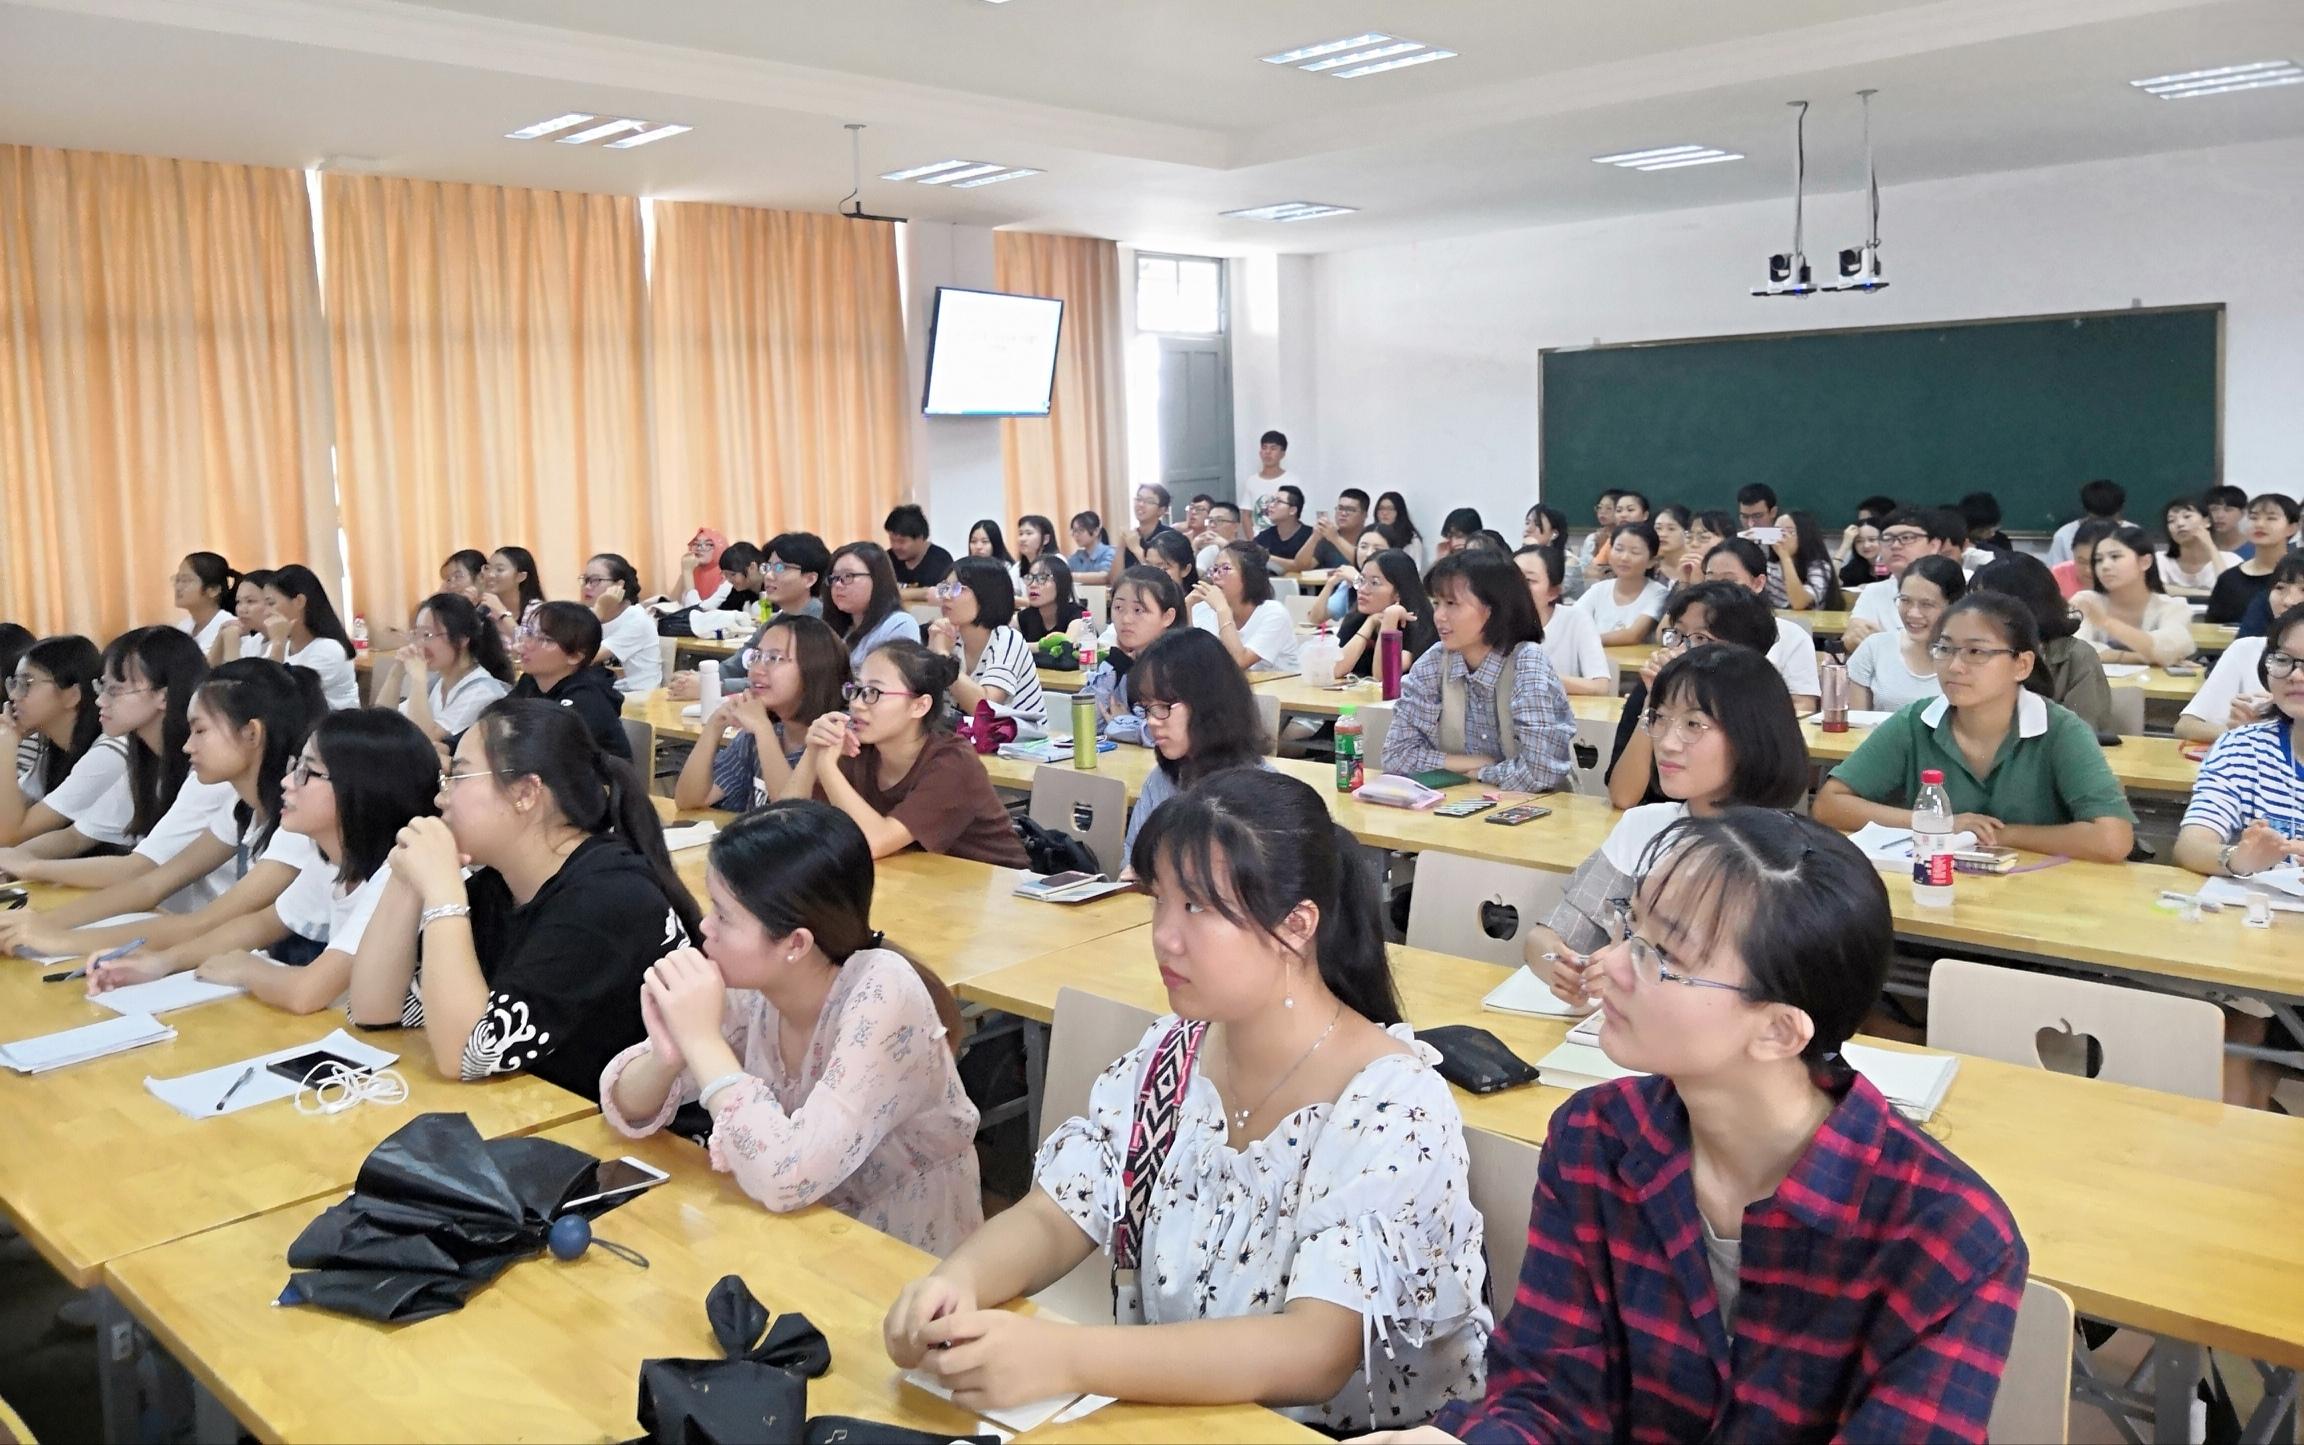 """青年之声·记海南师范大学榕树讲座之""""八十年代日本的大众音乐与'中国'的影响"""""""